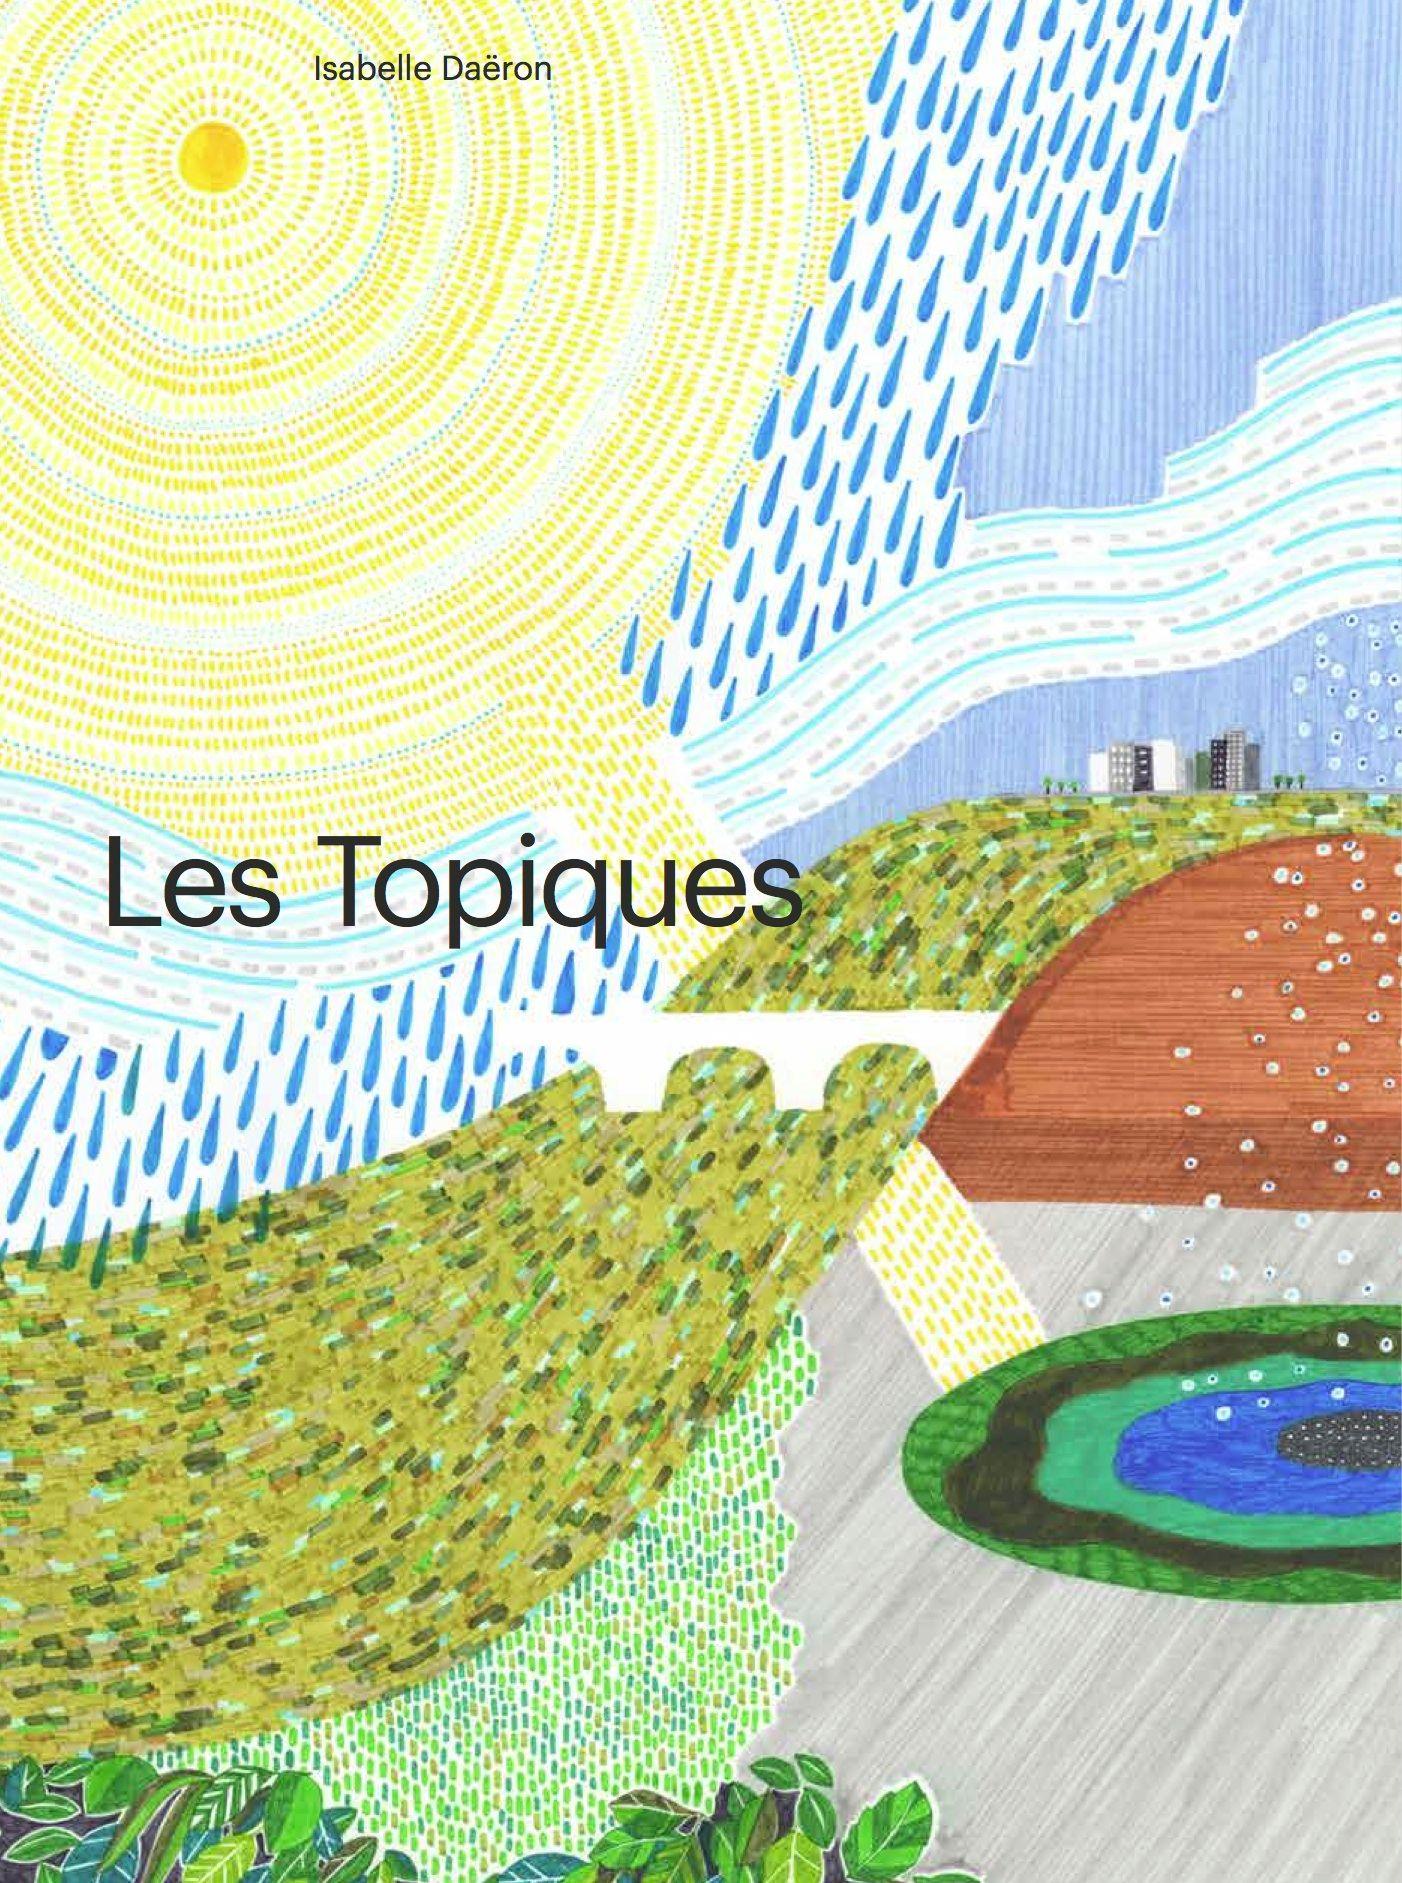 Topiques, l'utopie concrète à réaction poétique